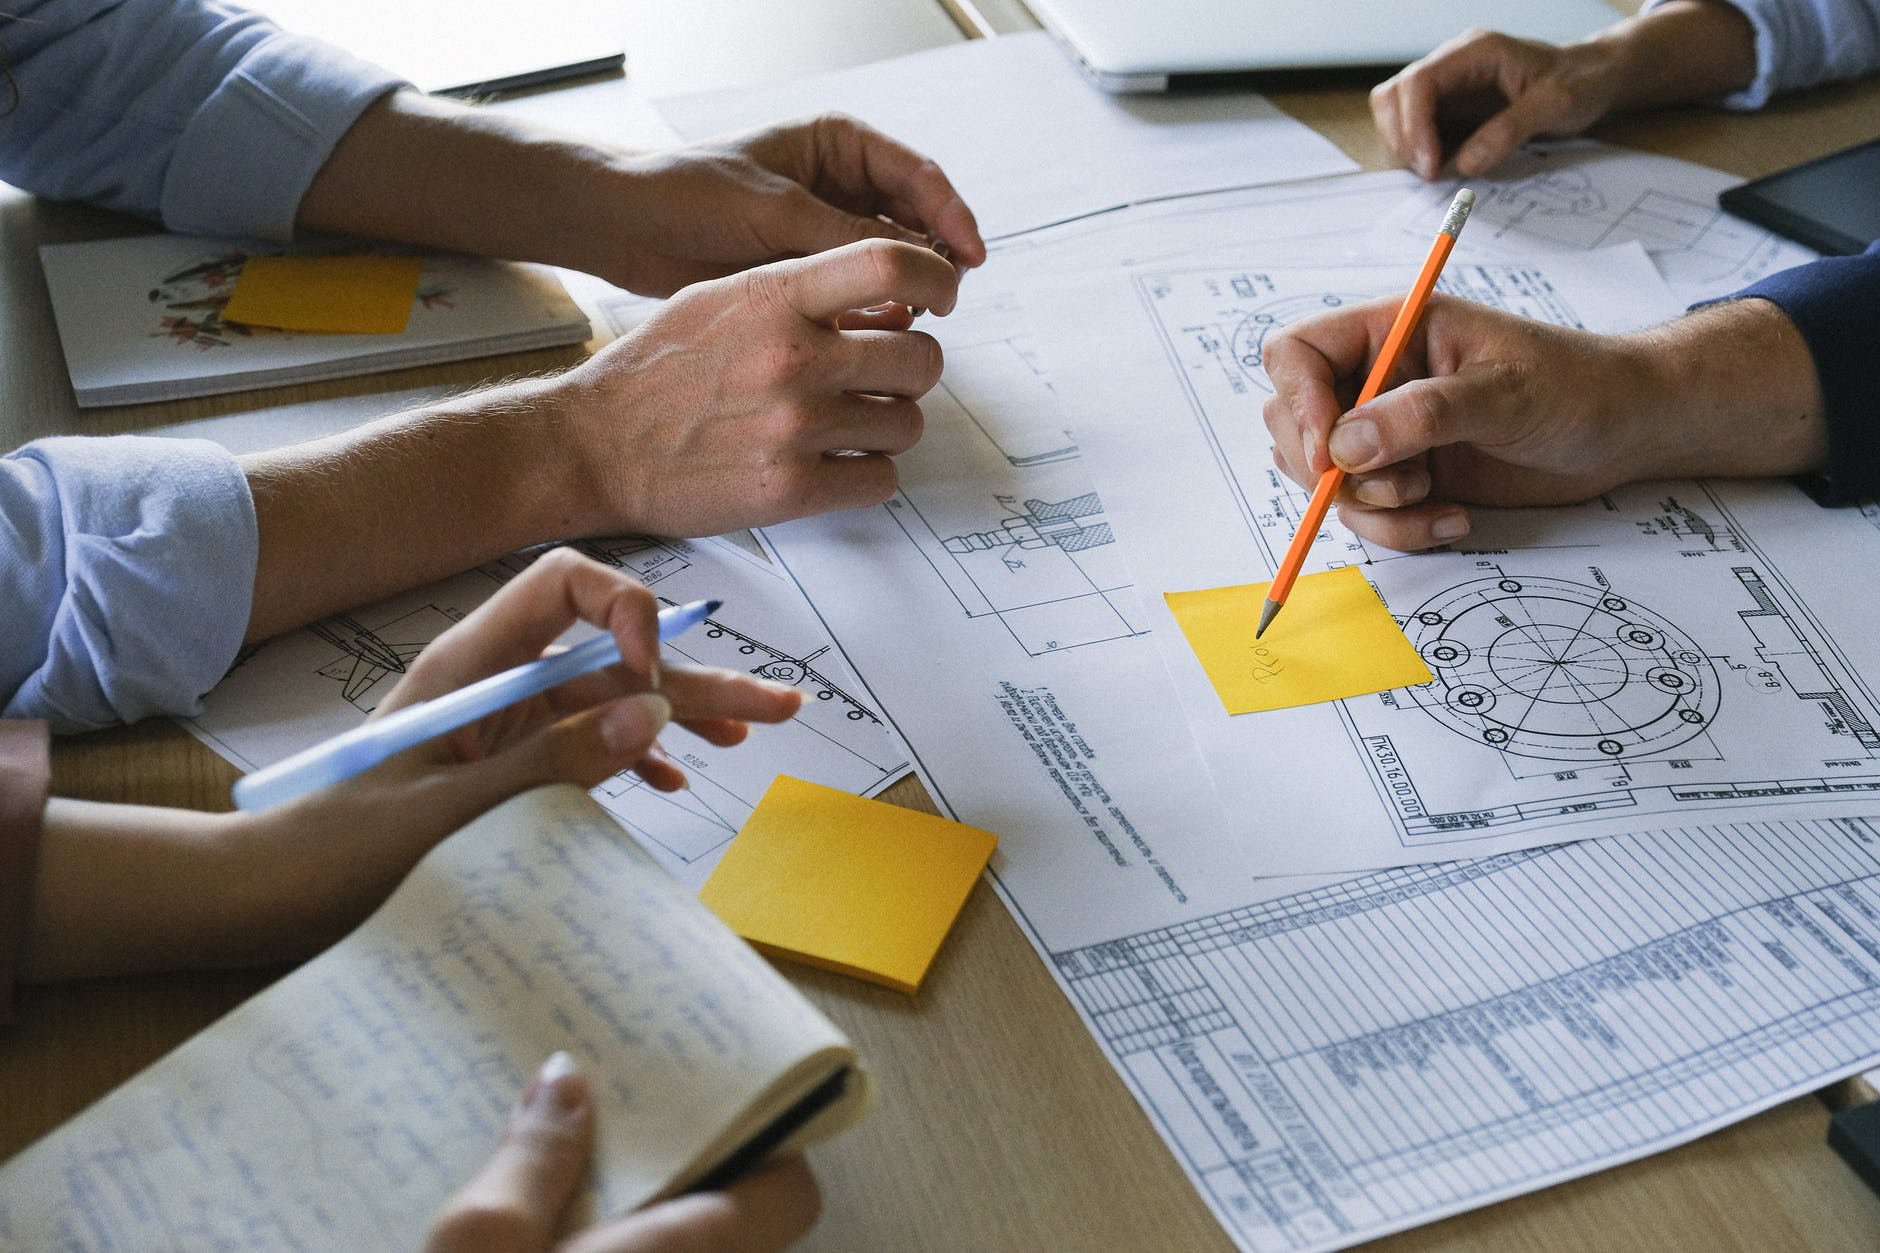 Erros comuns ao gerir uma empresa: a falta de análise do mercado, que é o que está na imagem.